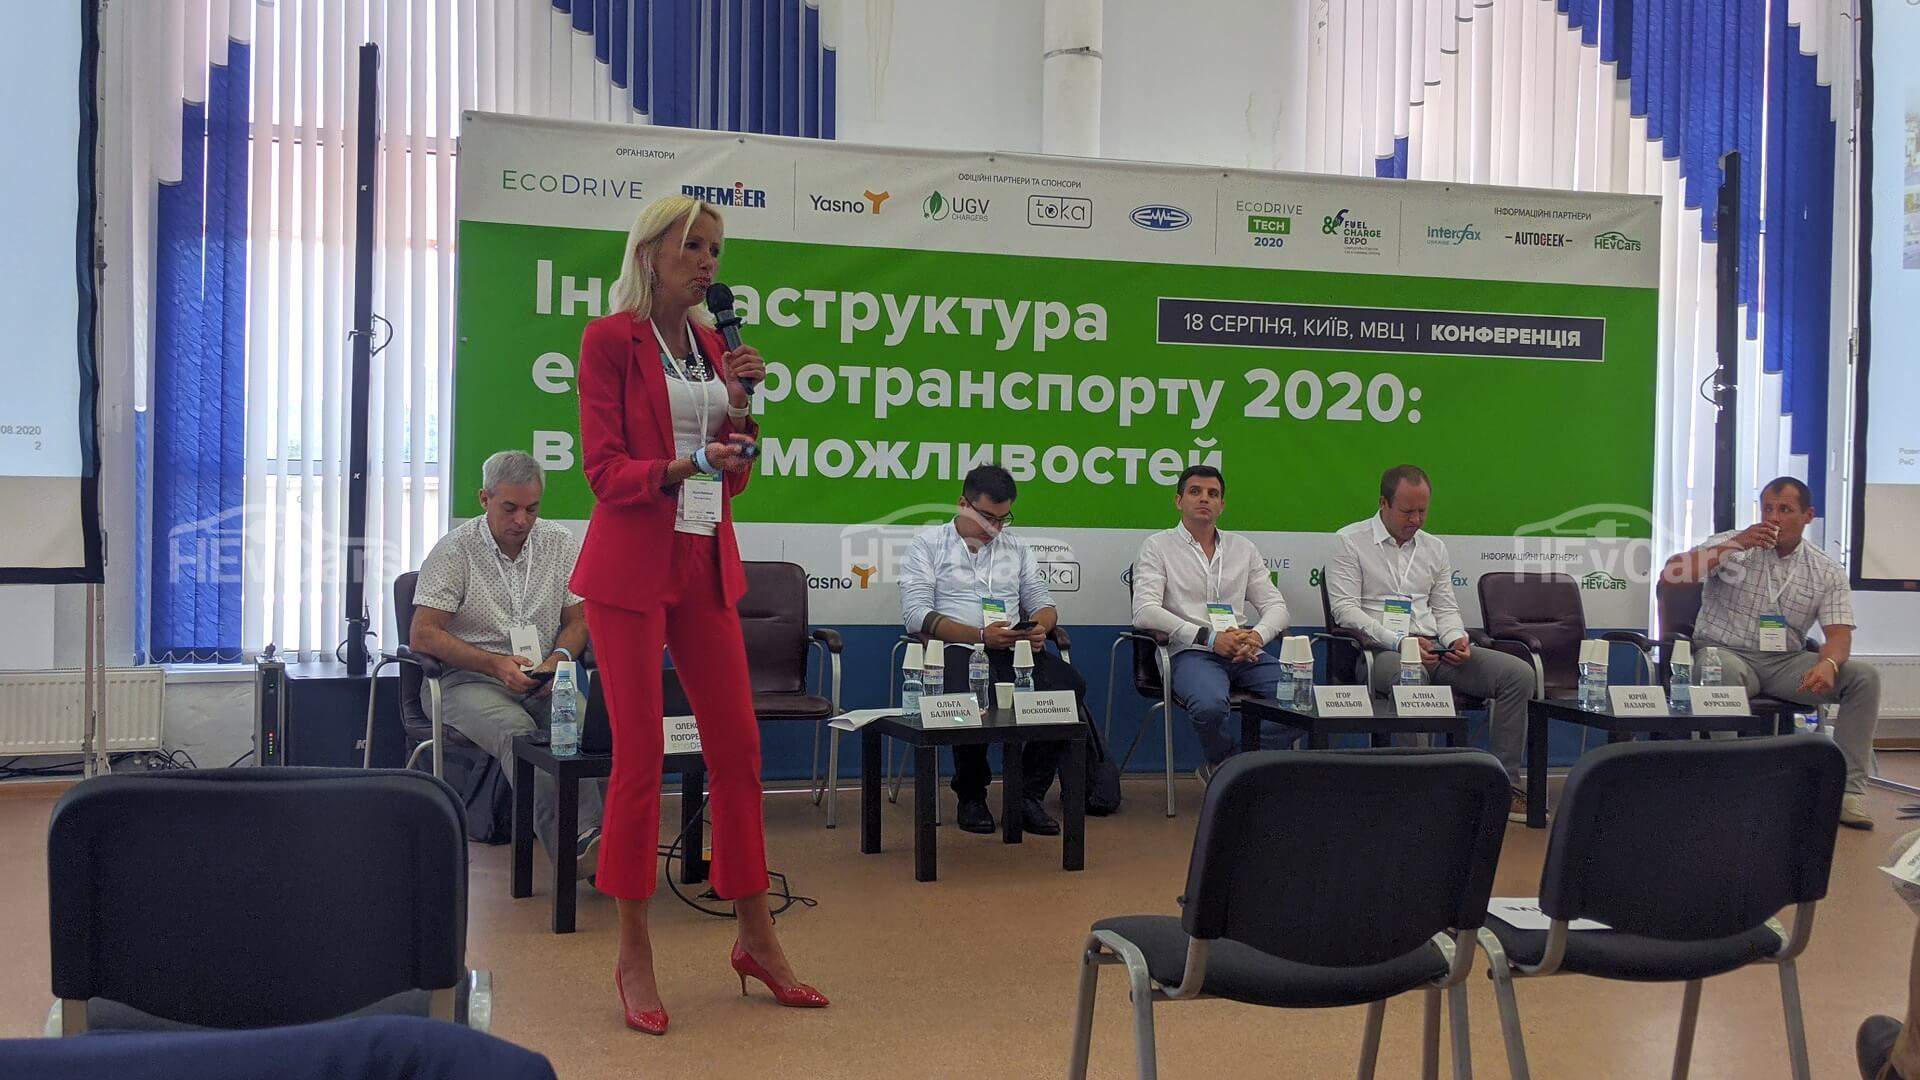 В Киеве состоялась конференция EcoDrive TECH 2020